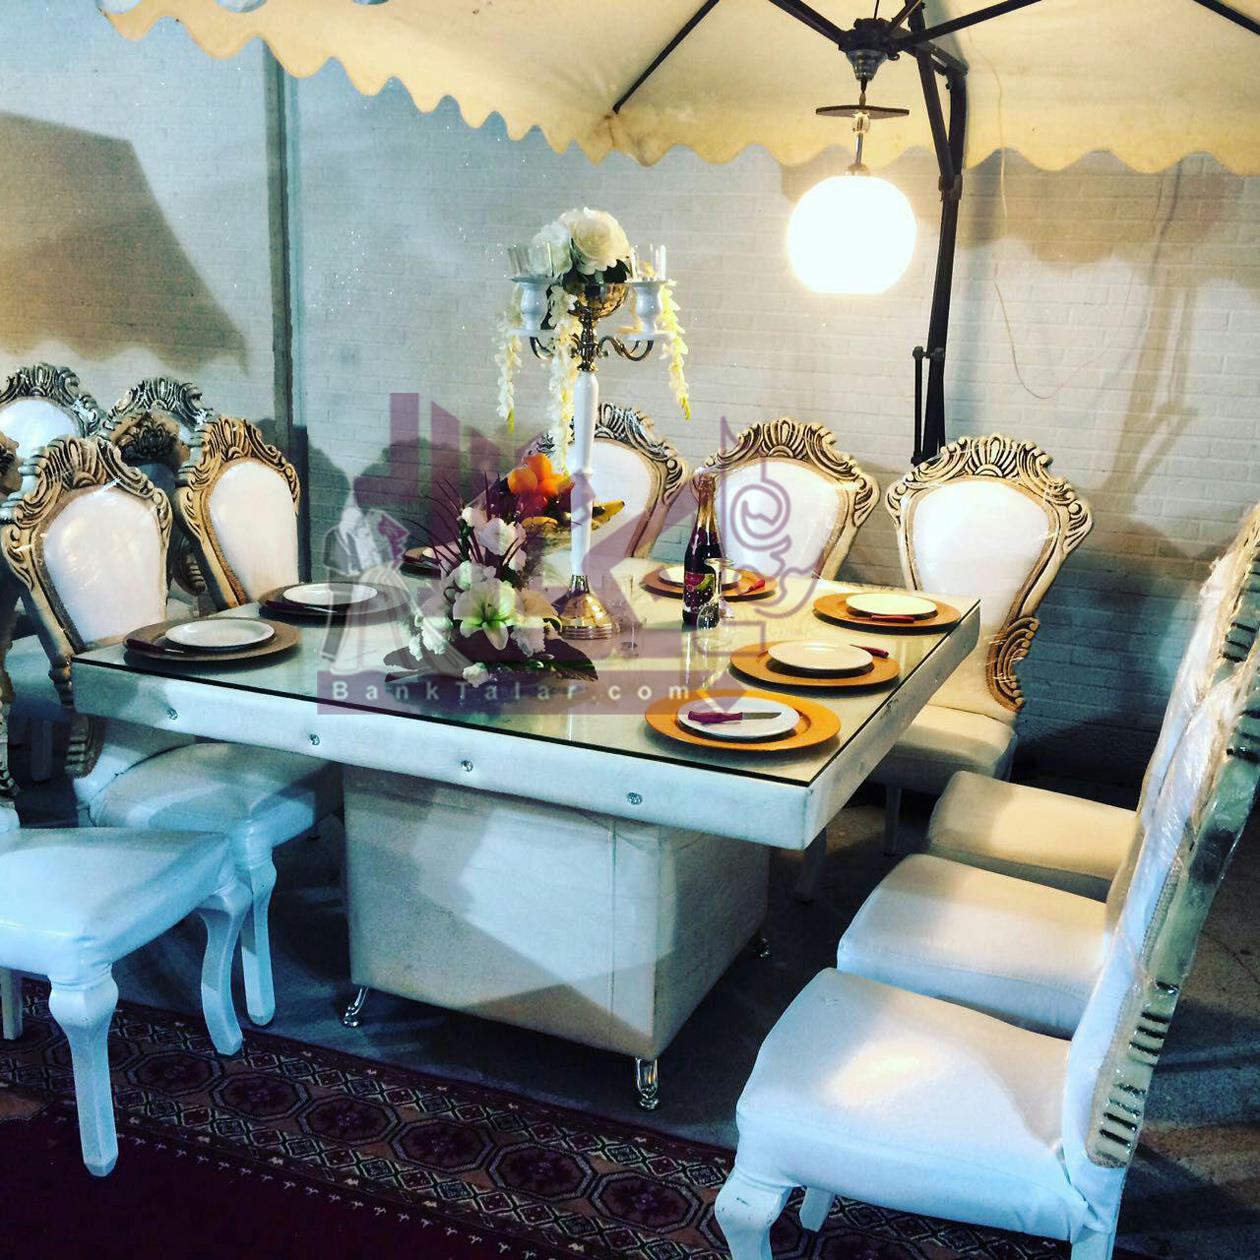 باغ عروسی نیروانا در شیراز